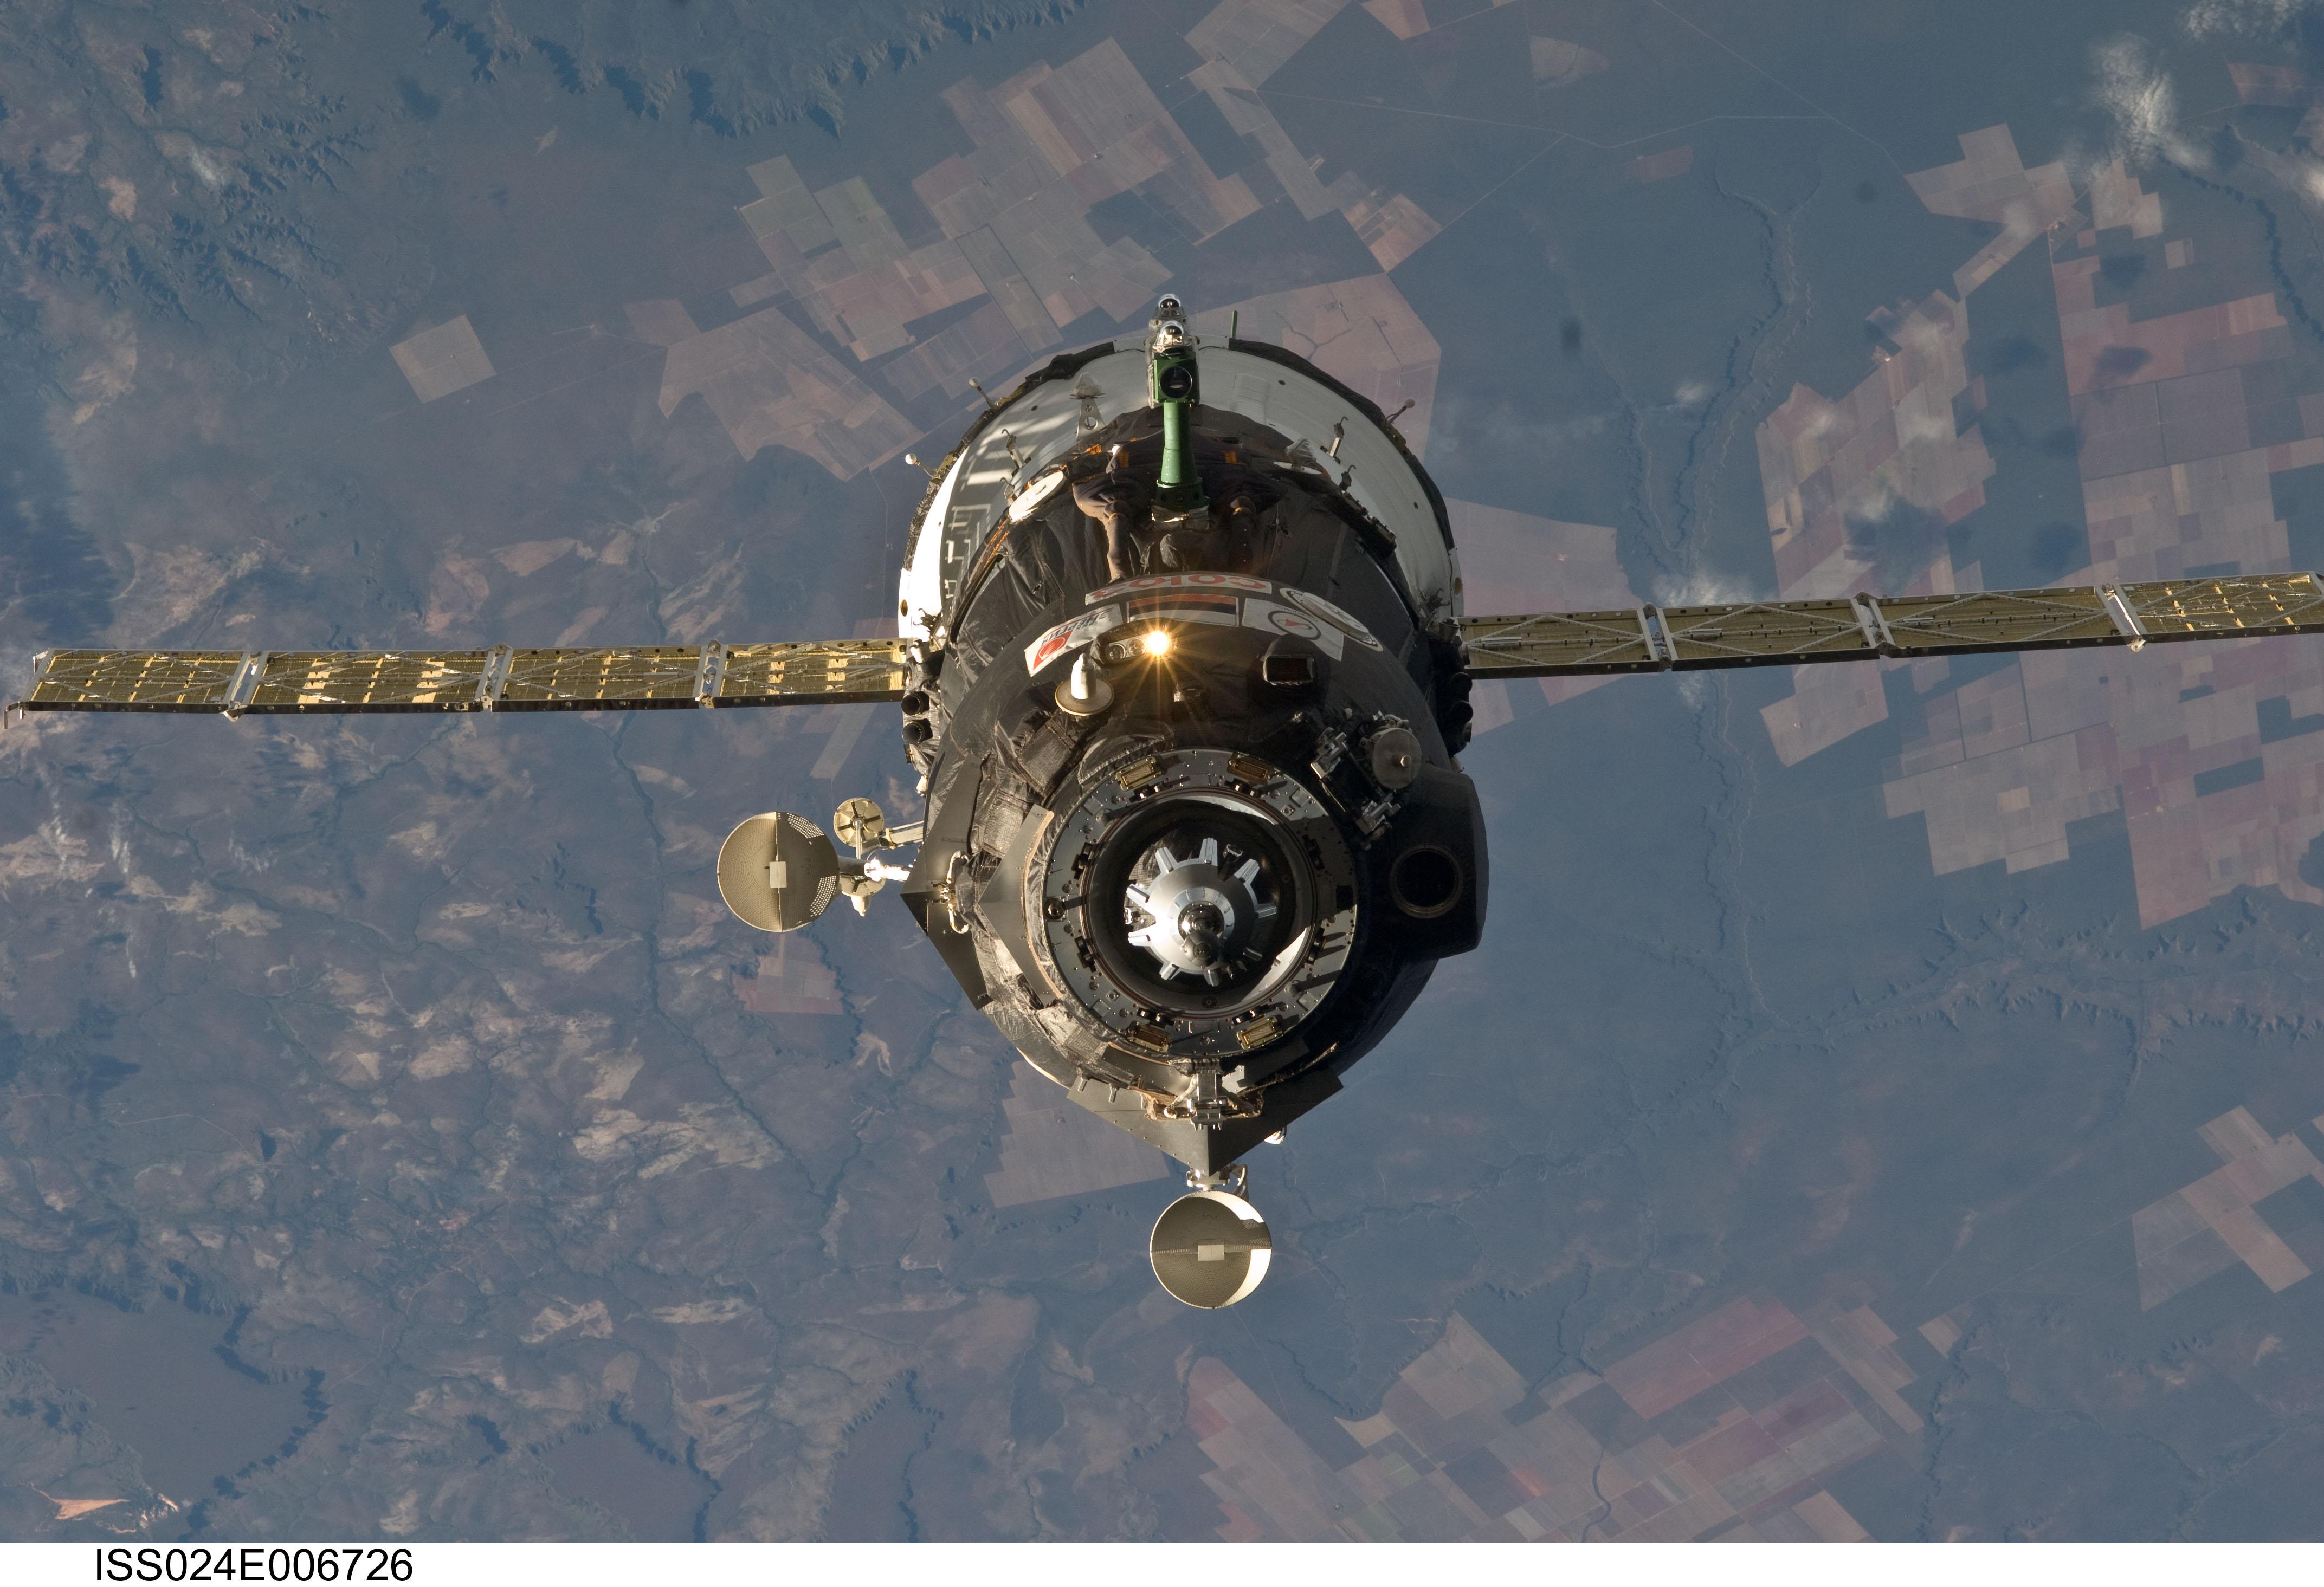 russian spacecraft soyuz - photo #25